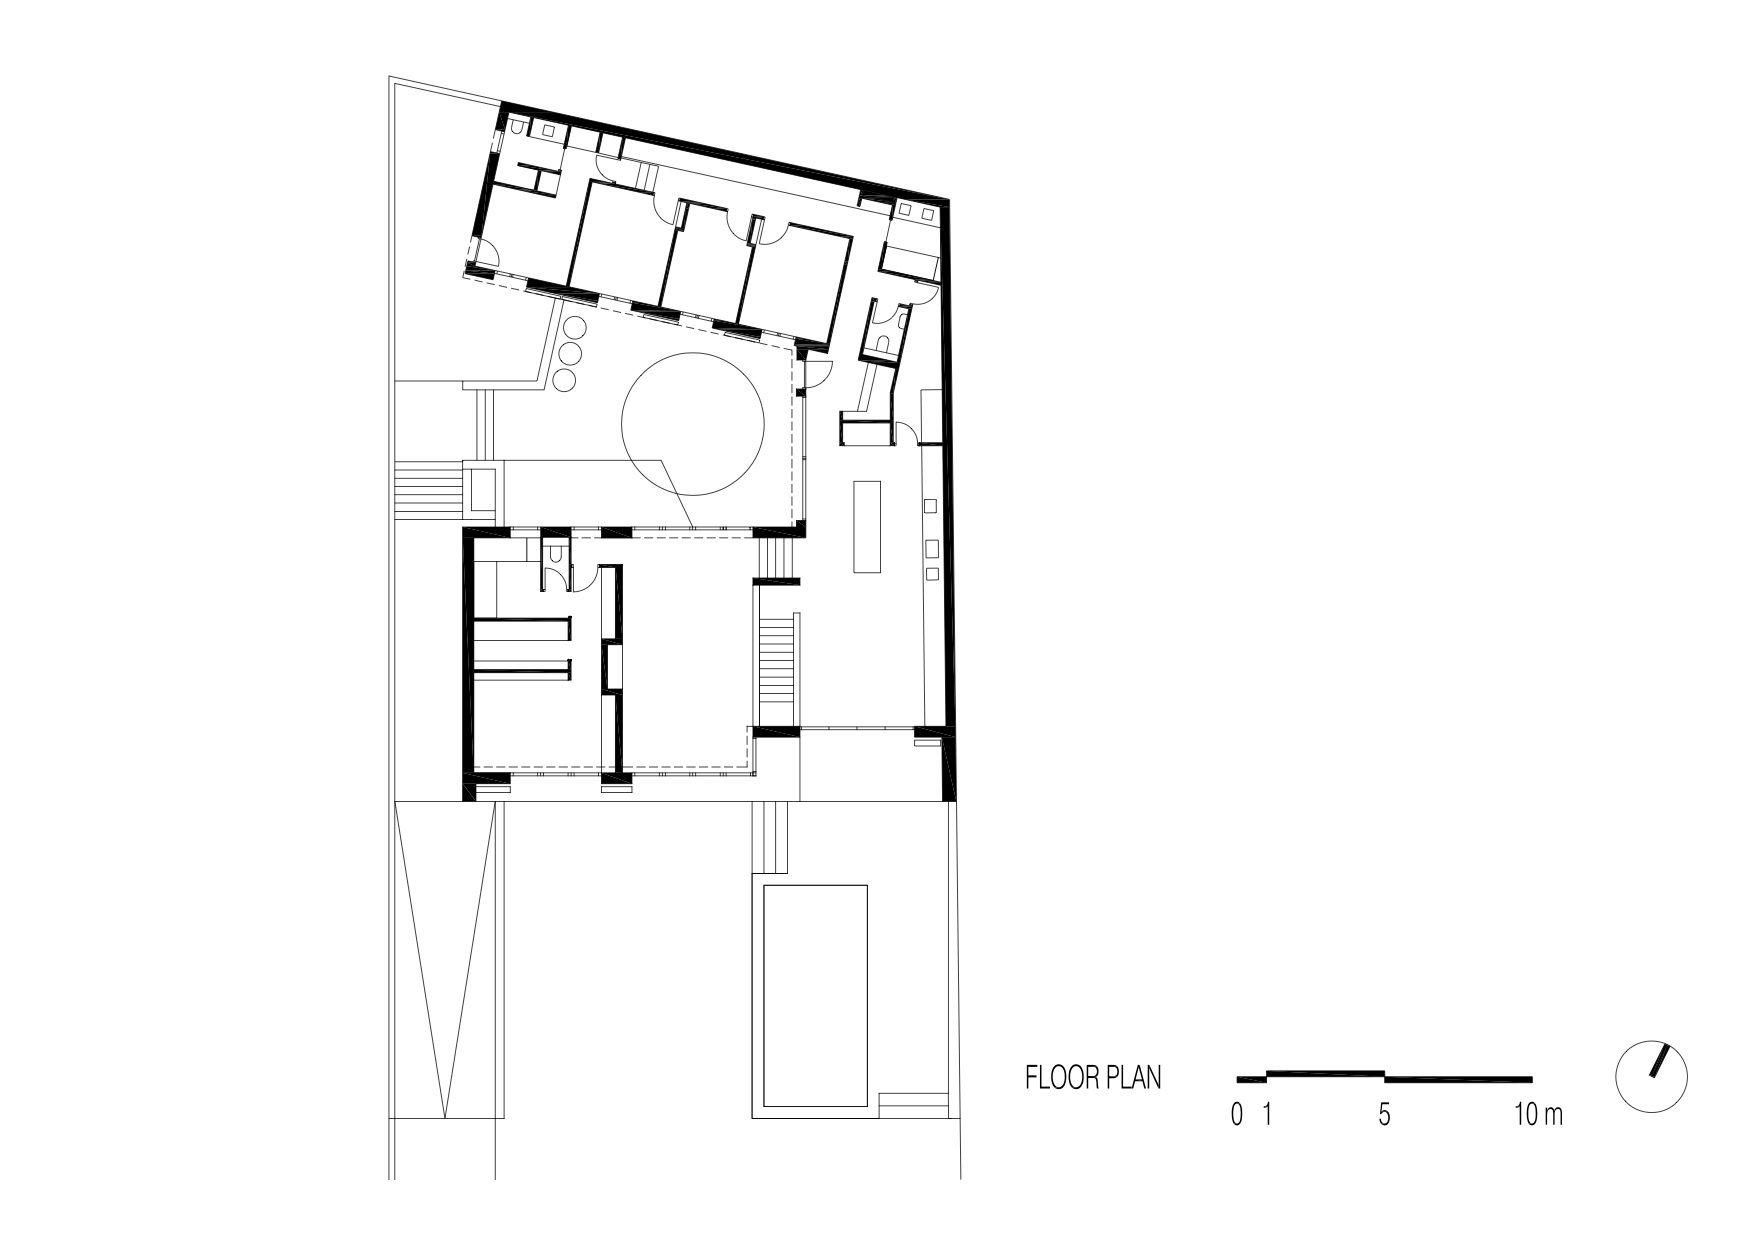 C house plans A43